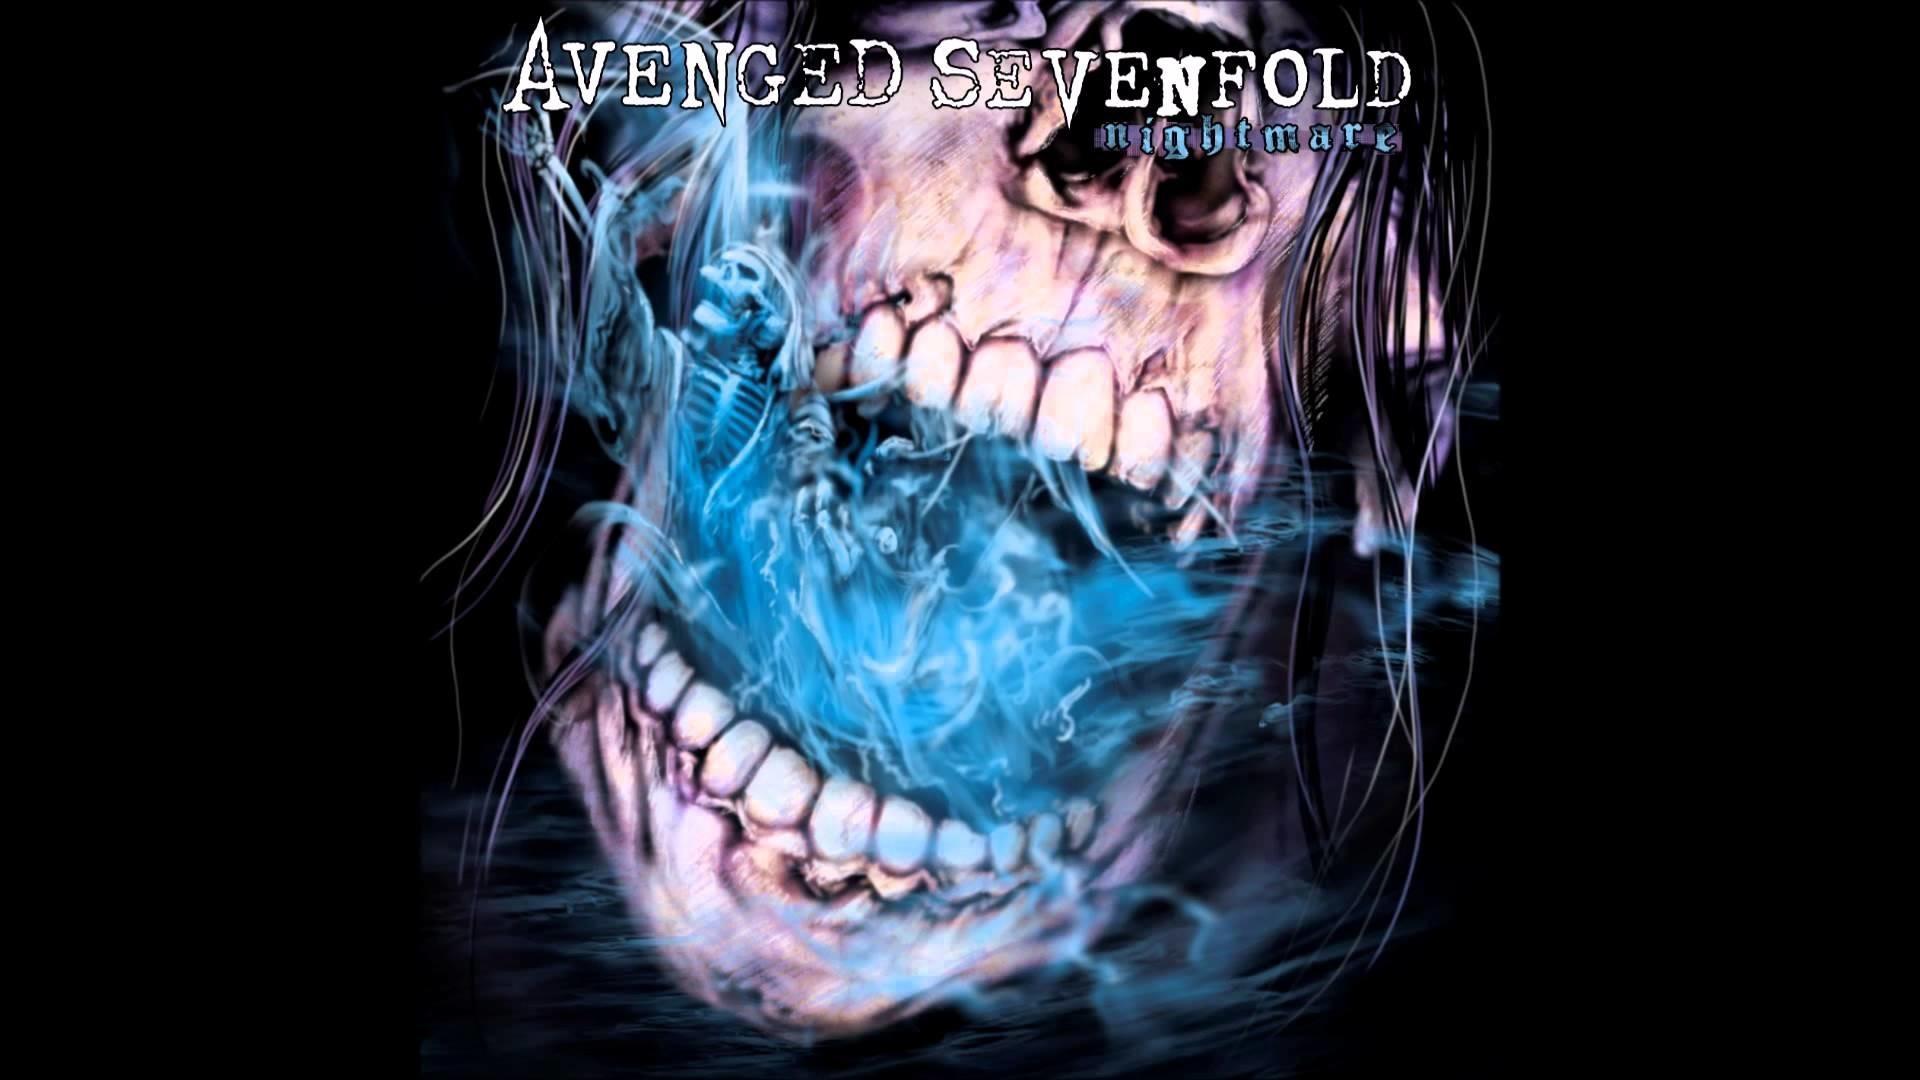 Avenged Sevenfold 2018 Wallpaper 68 Images